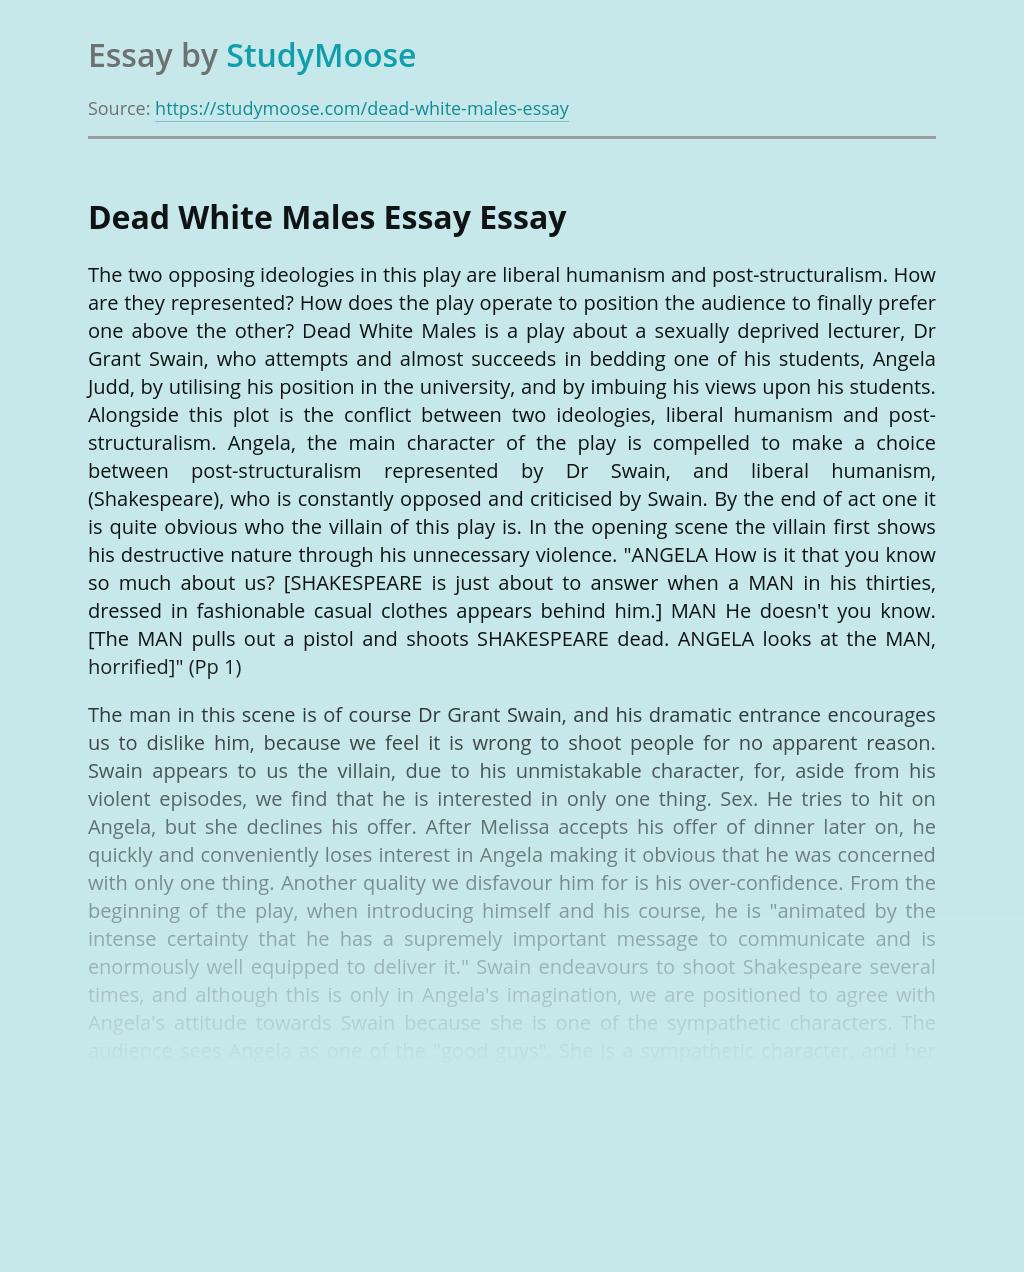 Dead White Males Essay